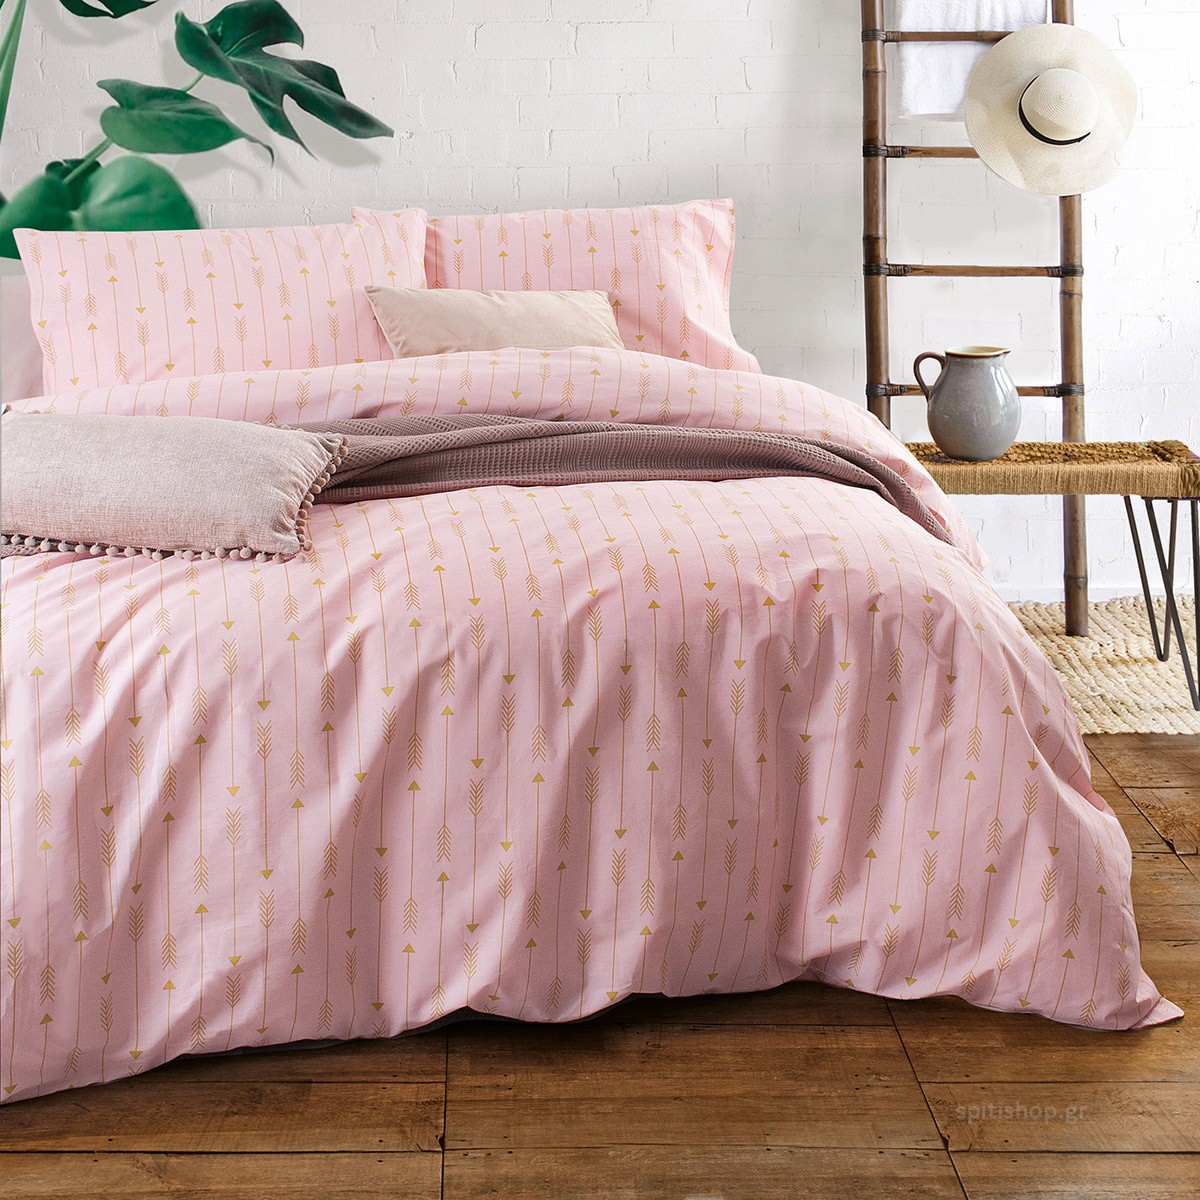 Παπλωματοθήκη Υπέρδιπλη (Σετ) Rythmos Diva Arrow Pink